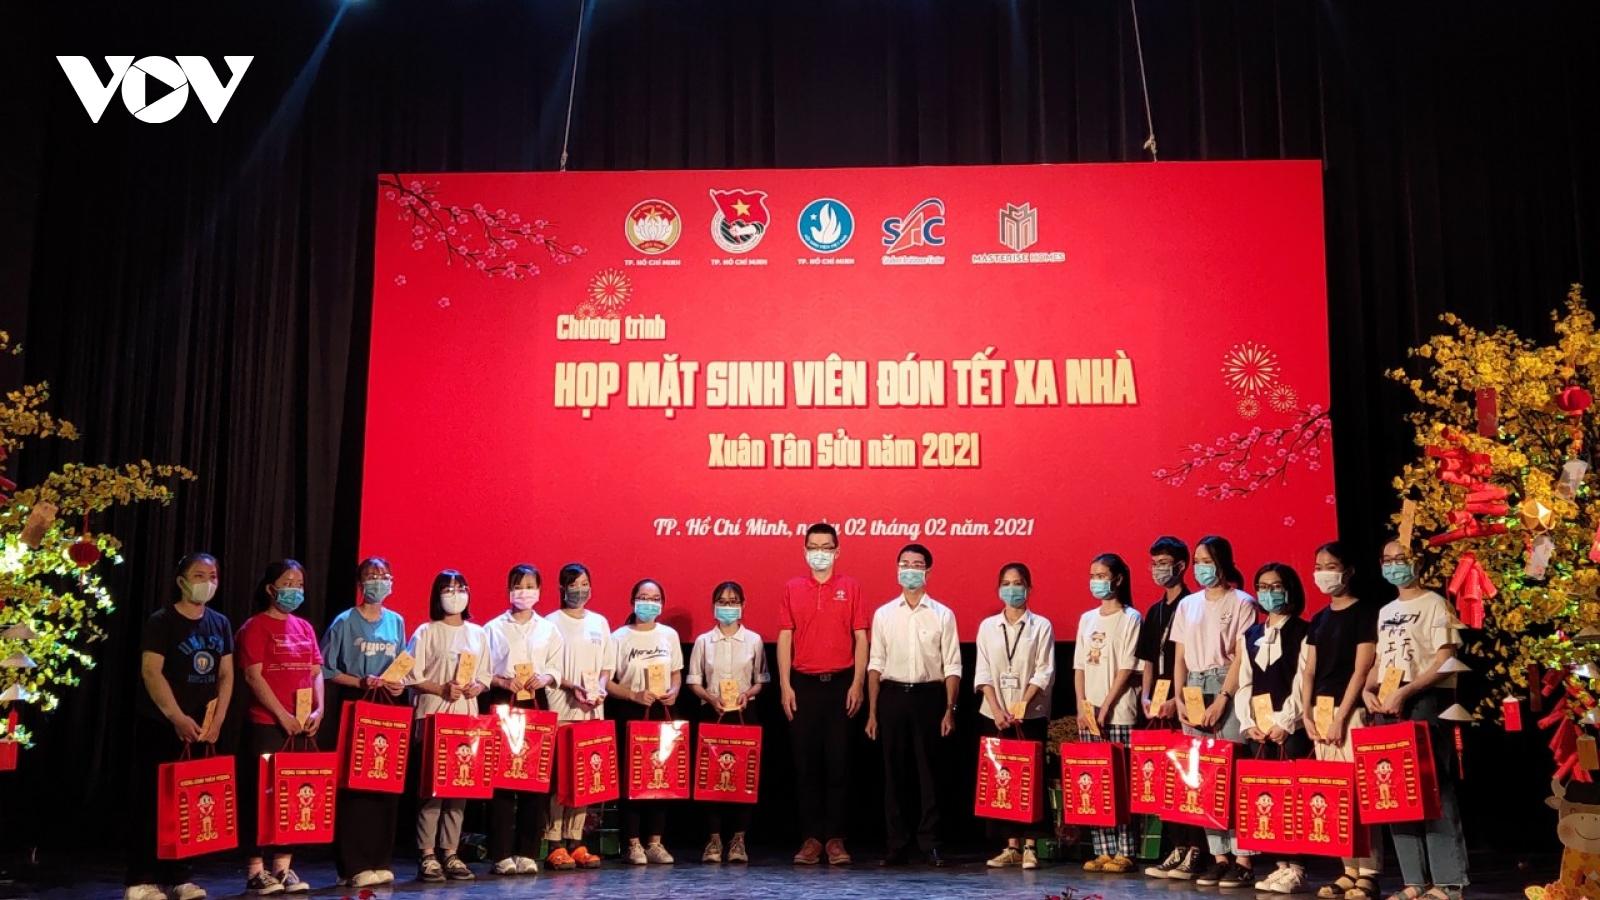 Hàng nghìn sinh viên nghèo được hỗ trợ ở lại TP HCM đón Tết vì dịch Covid-19